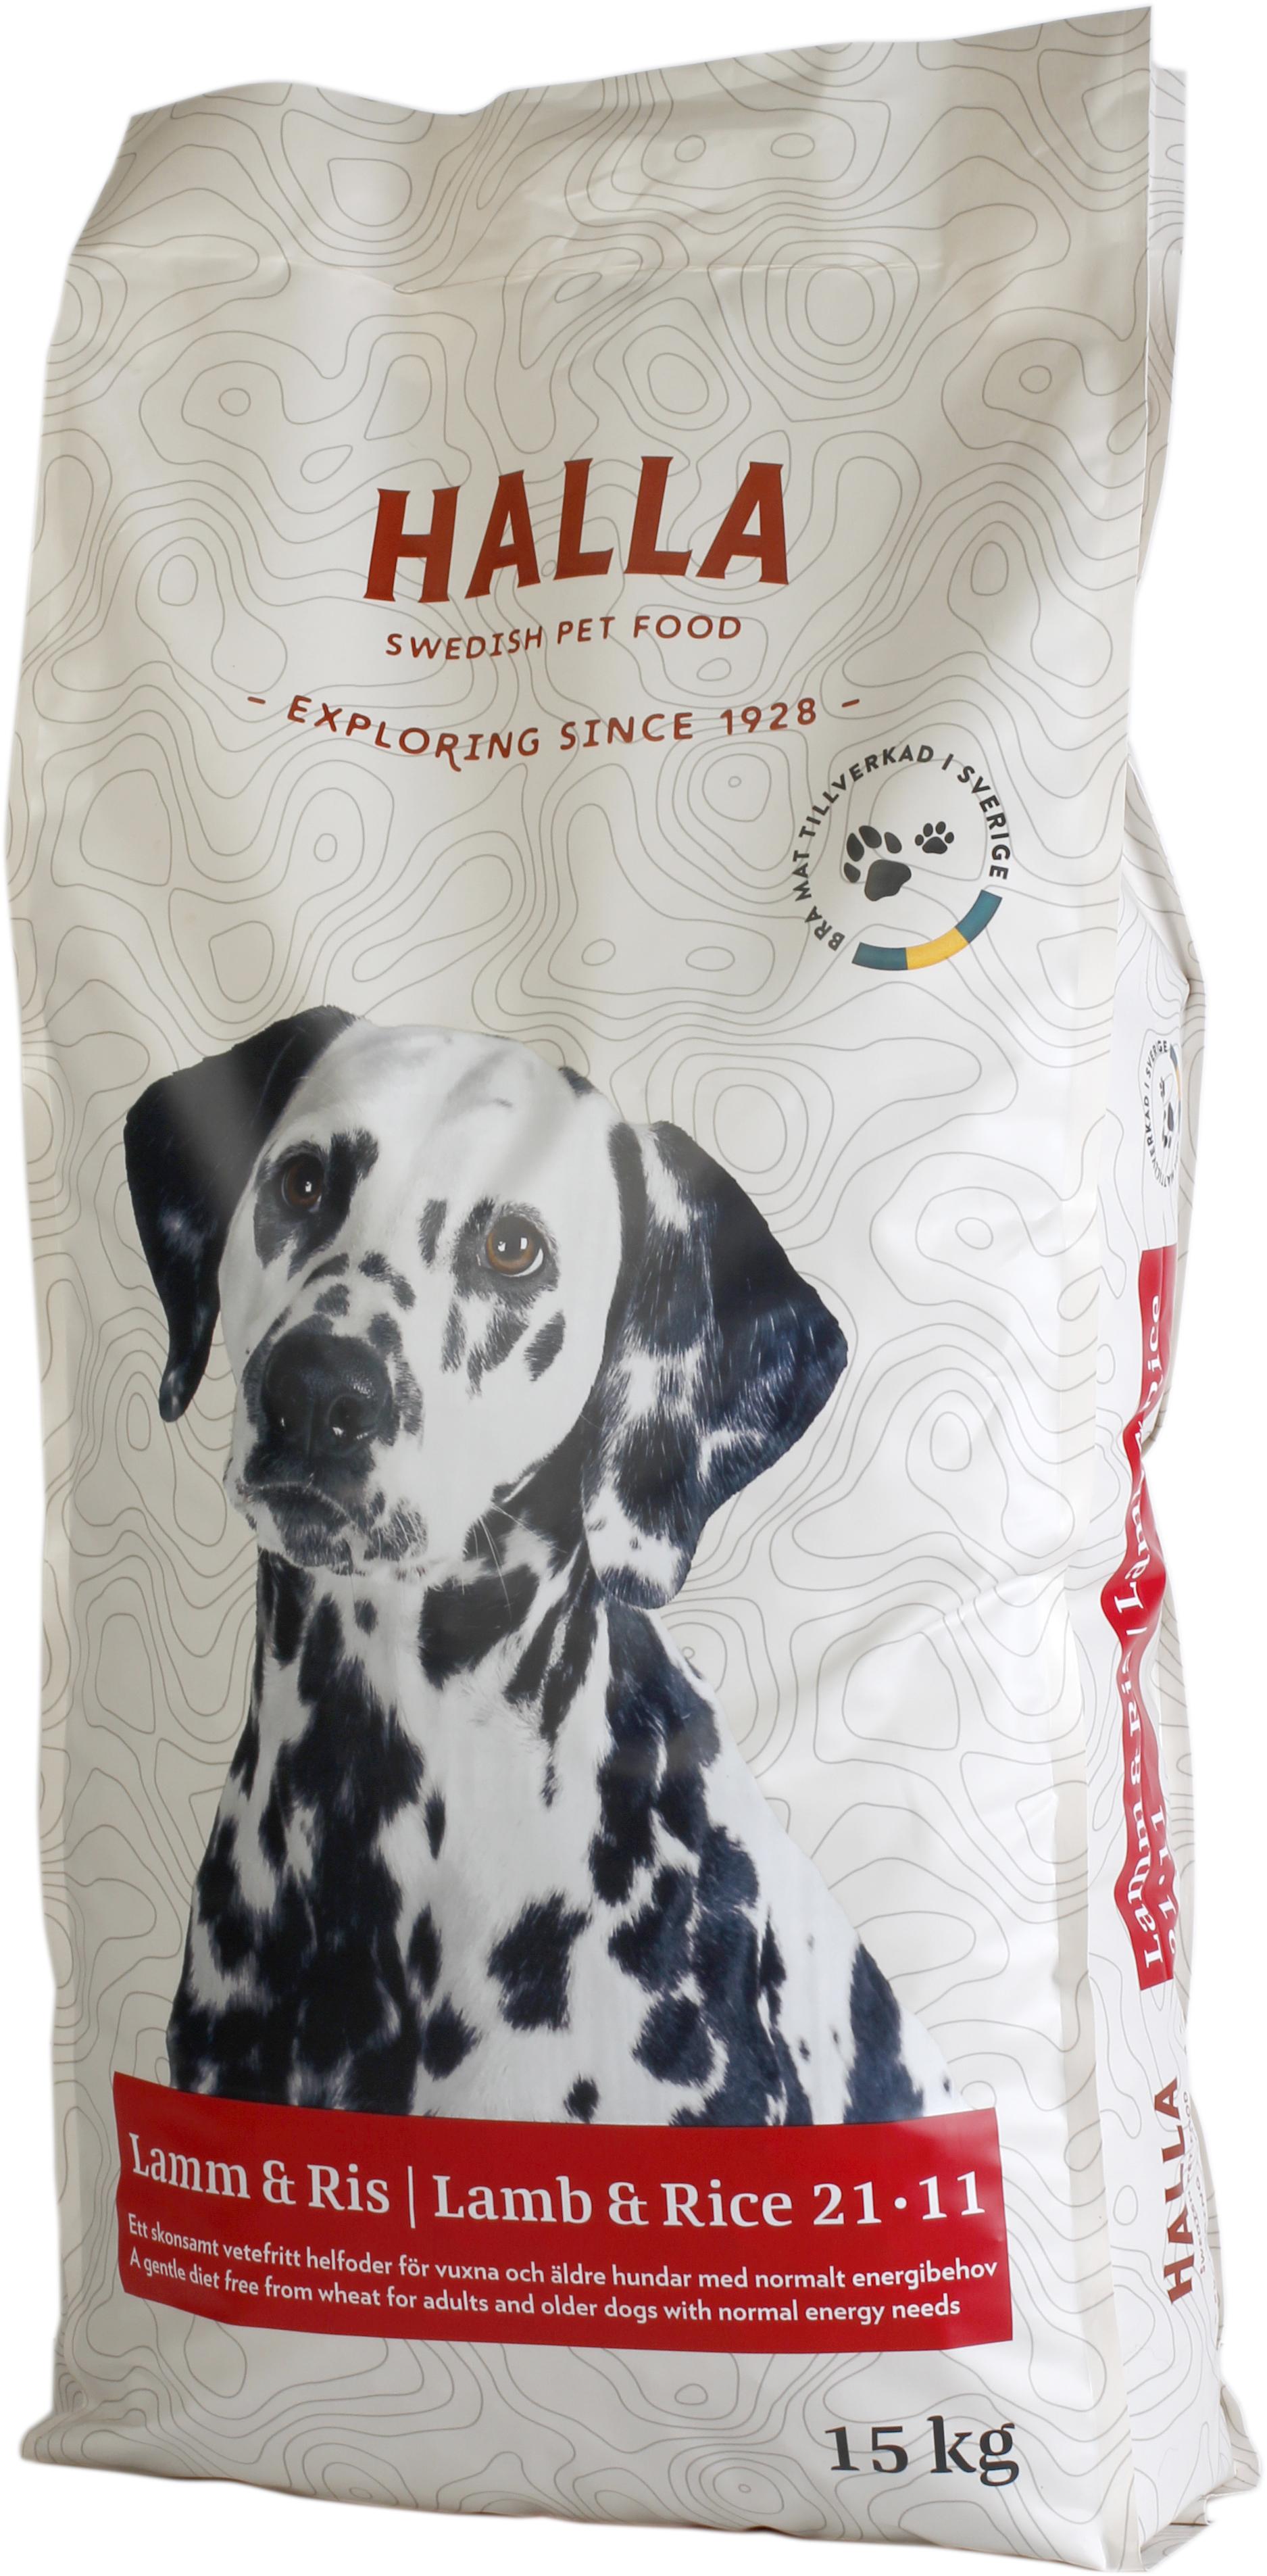 Hundfoder Lamm & Ris - 15 kg